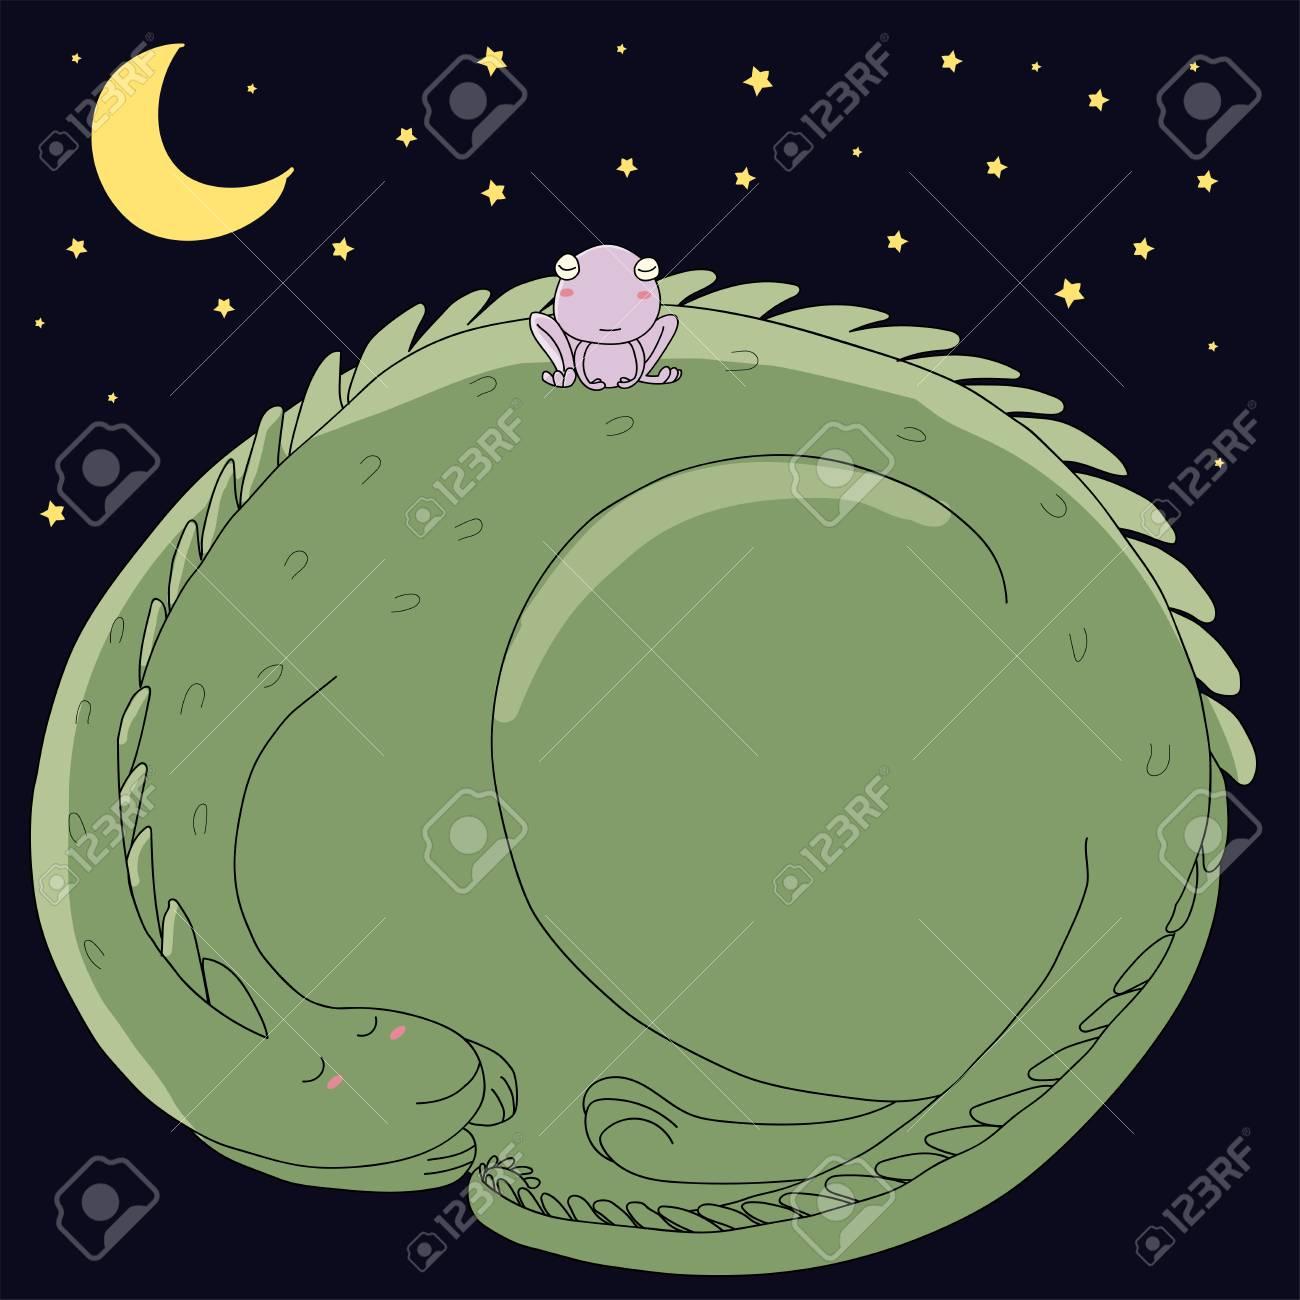 Ilustración De Vector Dibujado A Mano De Lindo Dormir Acurrucado Dragón Y  Rana Con Luna Y Estrellas Sobre Fondo Oscuro. Objetos Aislados Concepto De  Diseño ... dec6313284a65